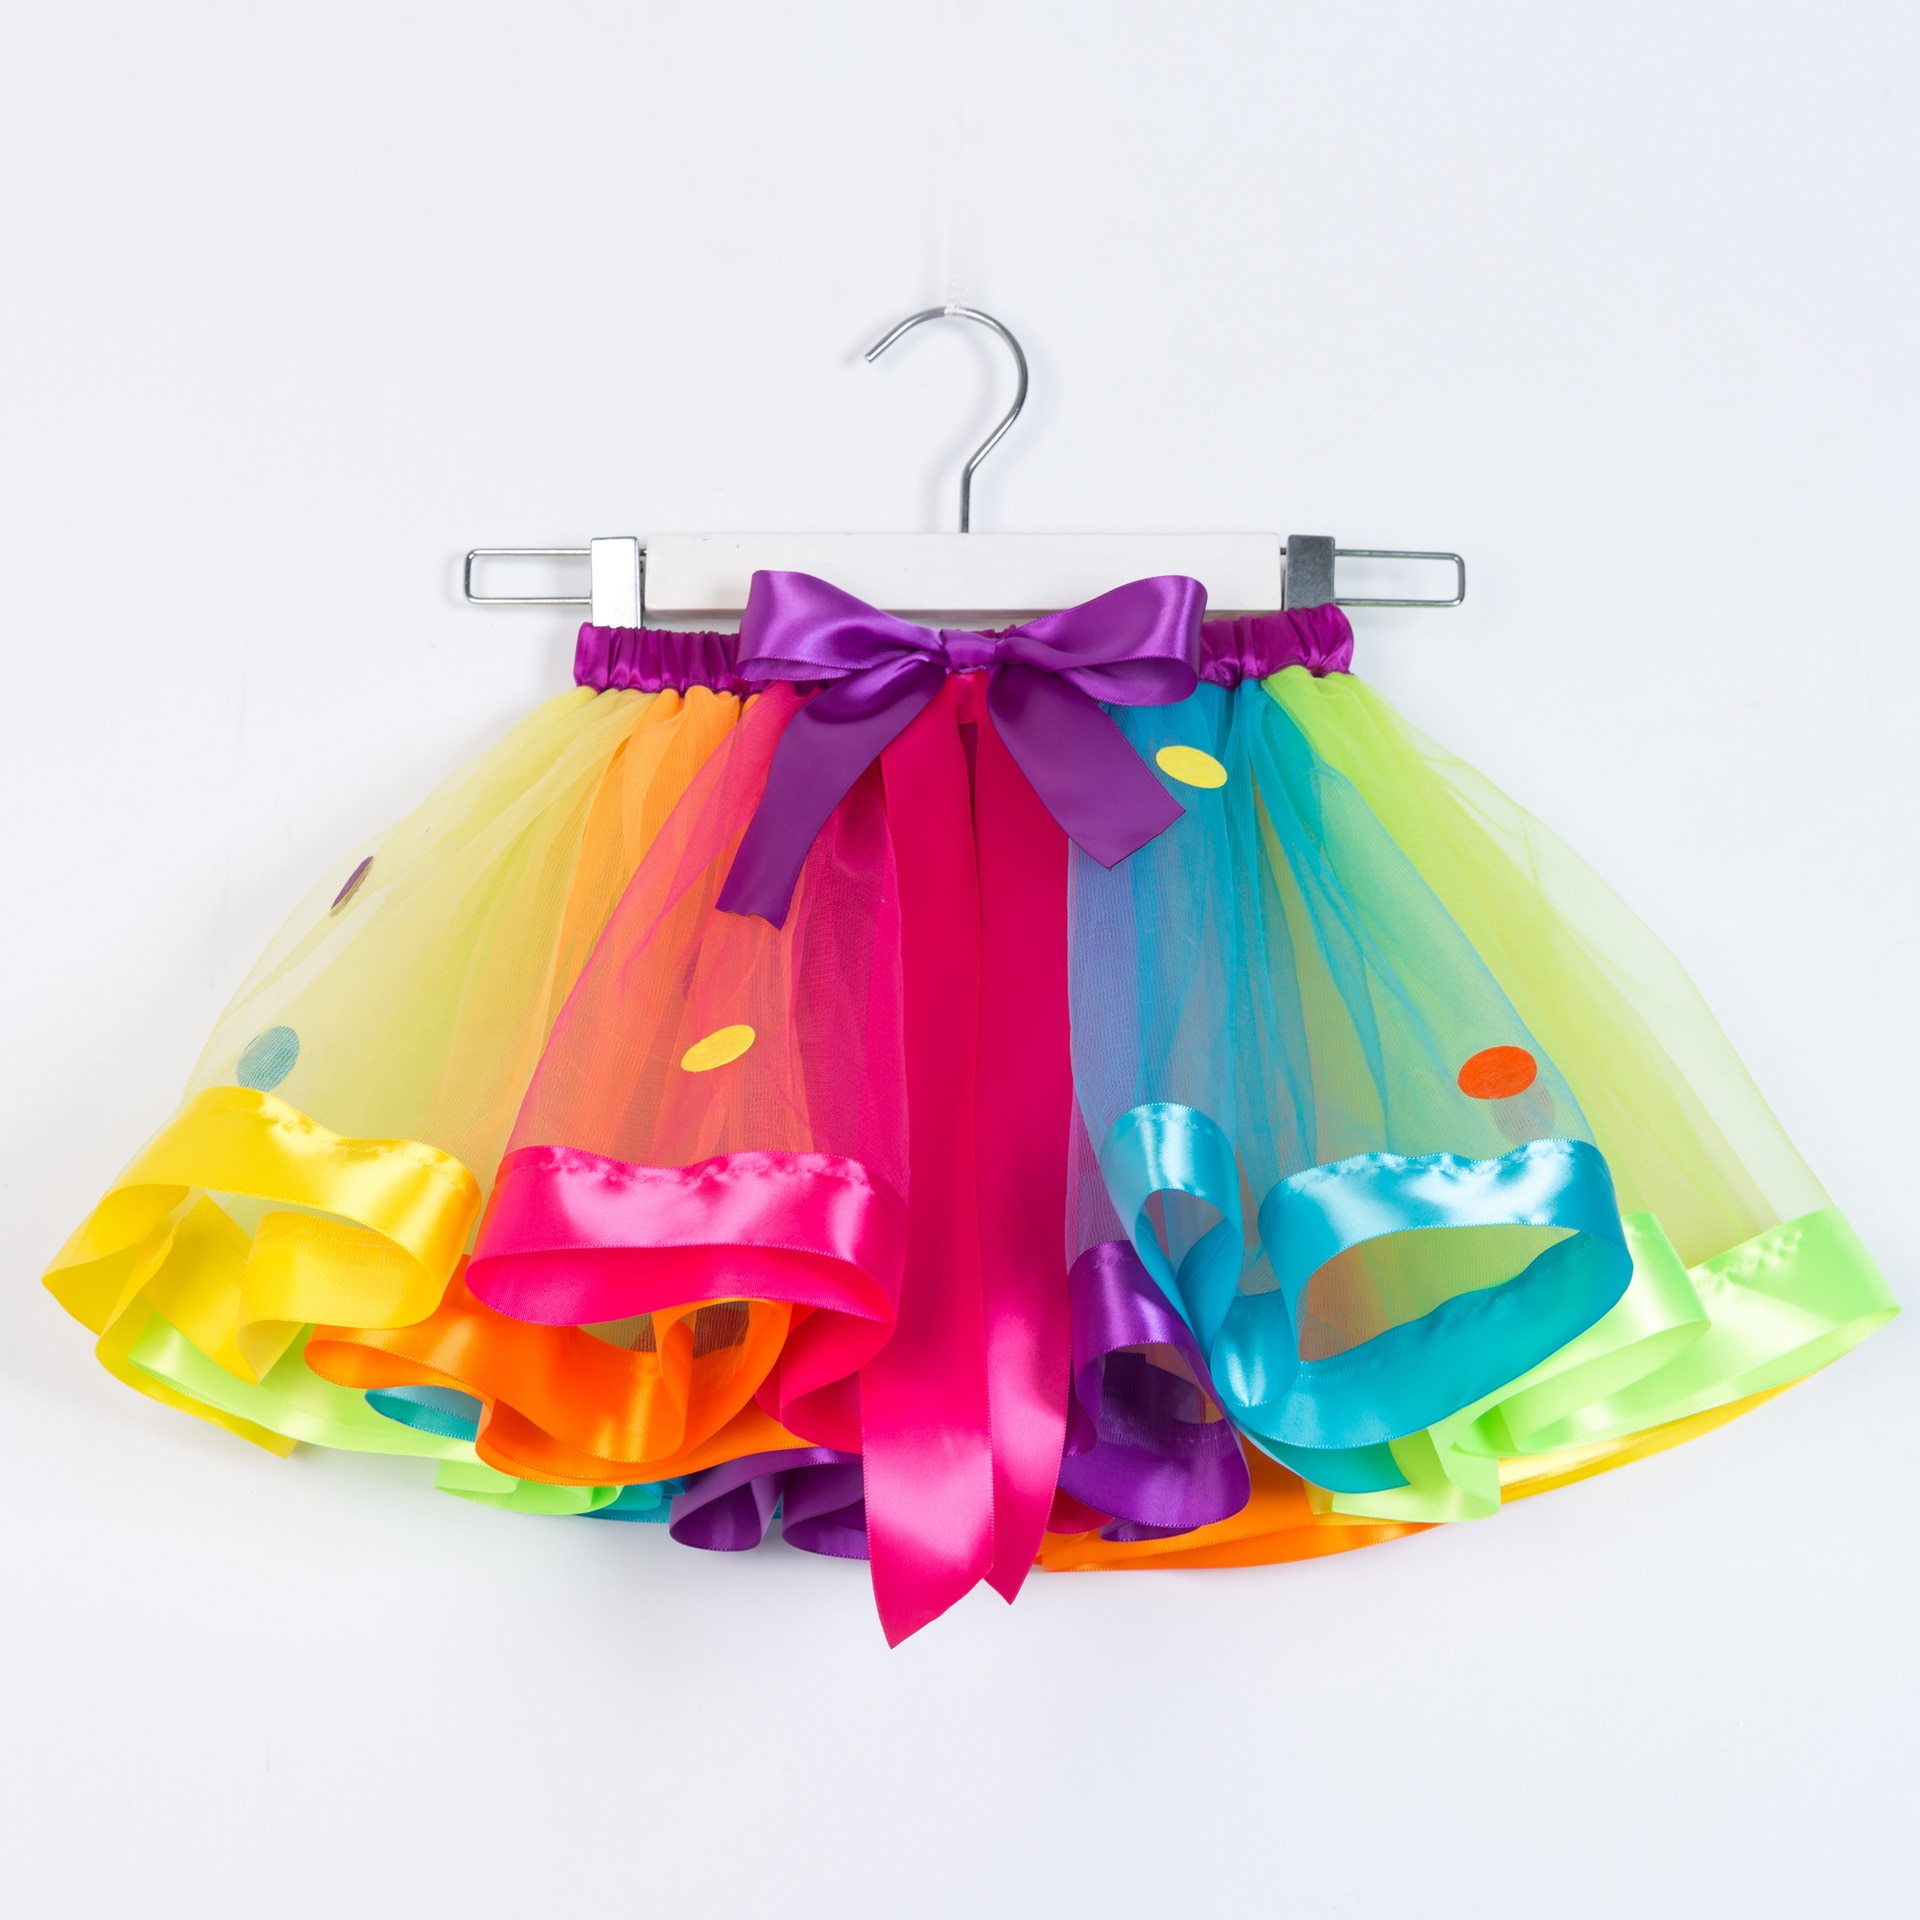 Оптовая продажа, летняя детская одежда на день рождения, Повседневные платья Вечерние девочек, модная детская одежда, детская одежда